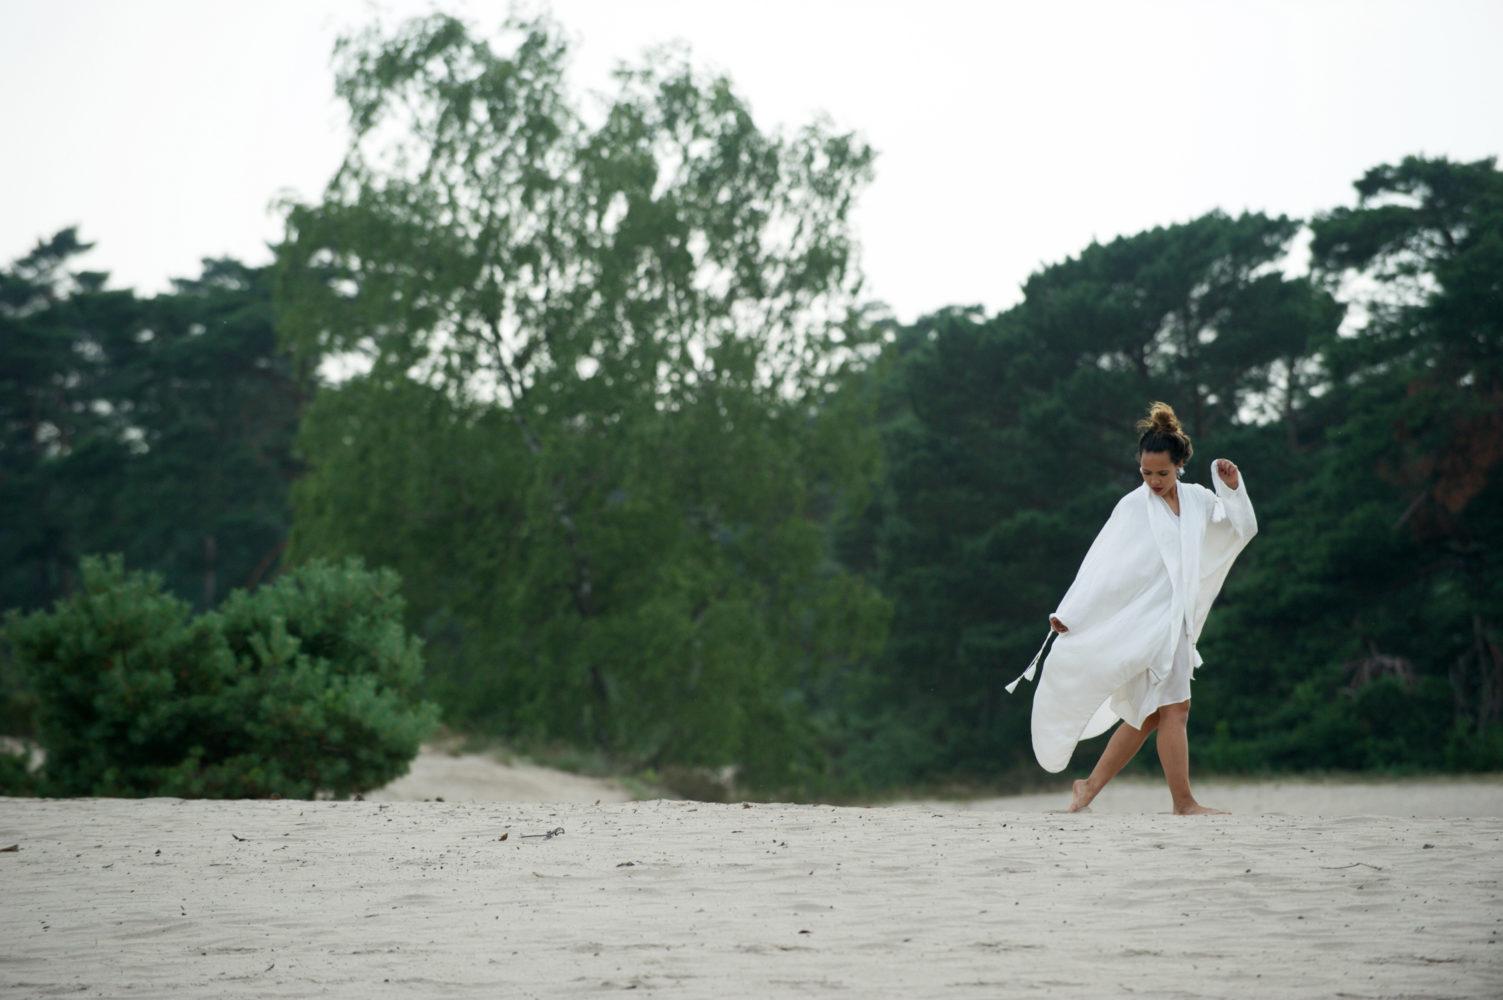 destination photography weddings engagement bachelorette shoot party